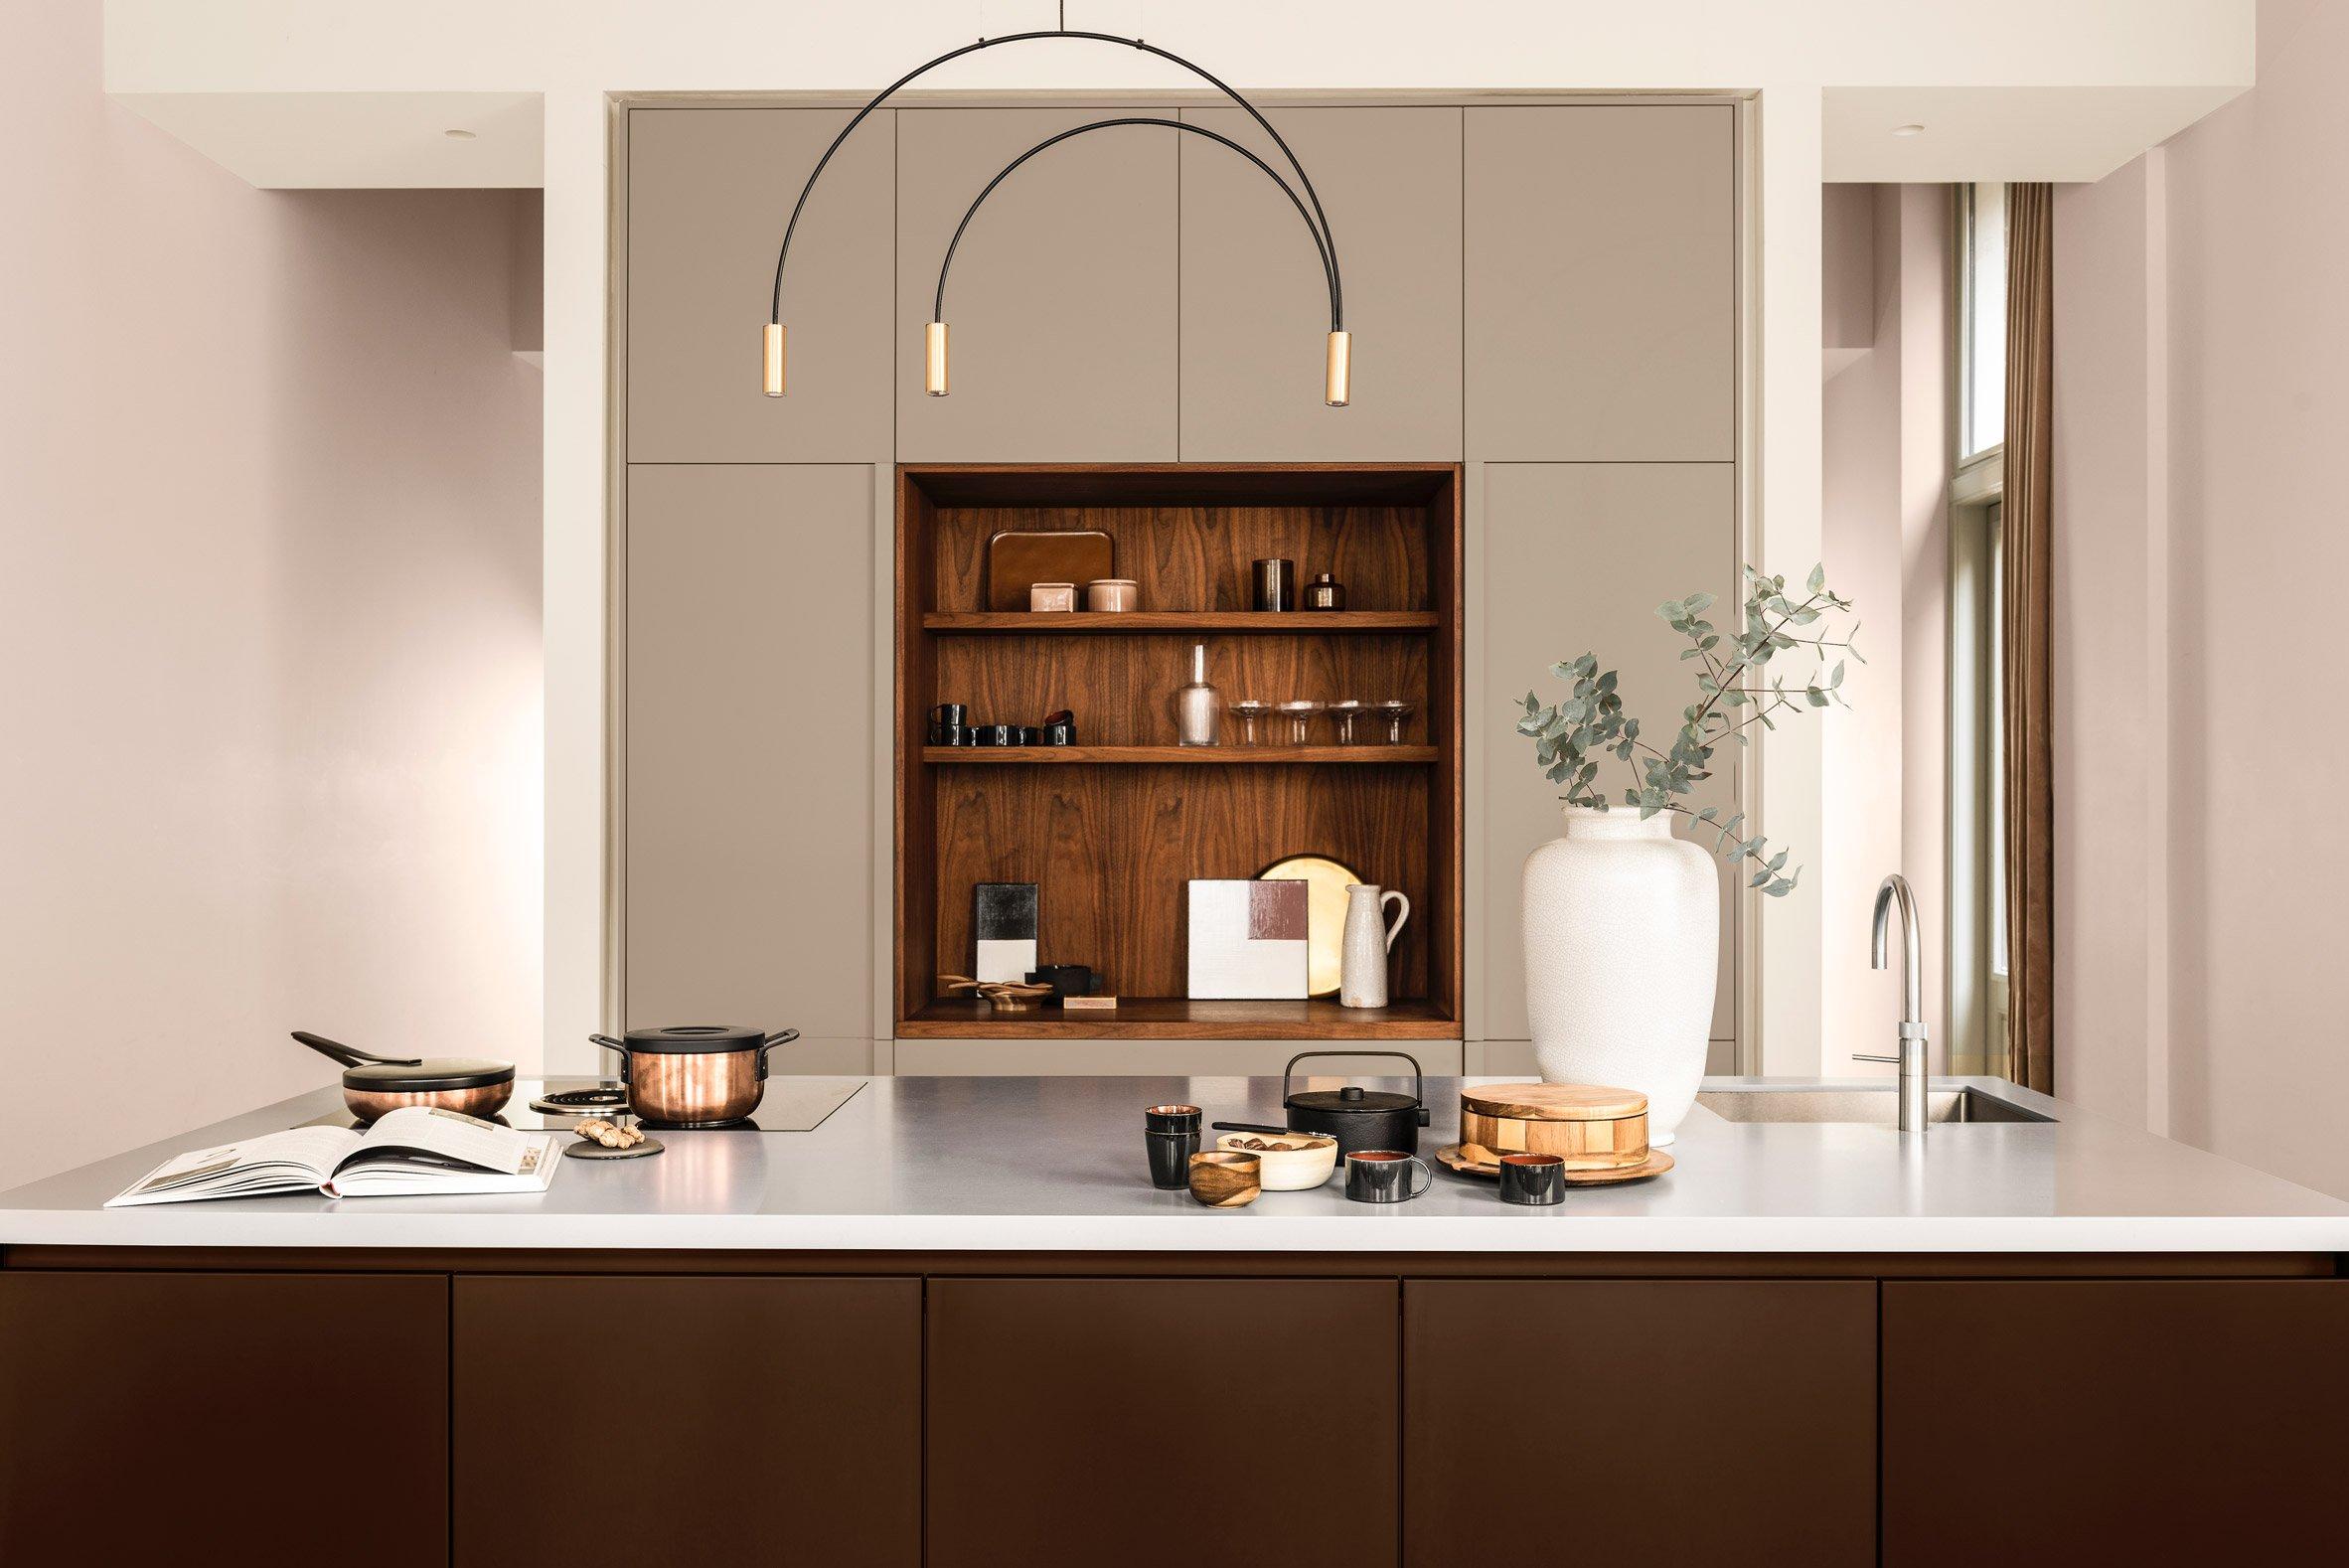 brave ground dulux colour year 2021 interior cozy kitchen